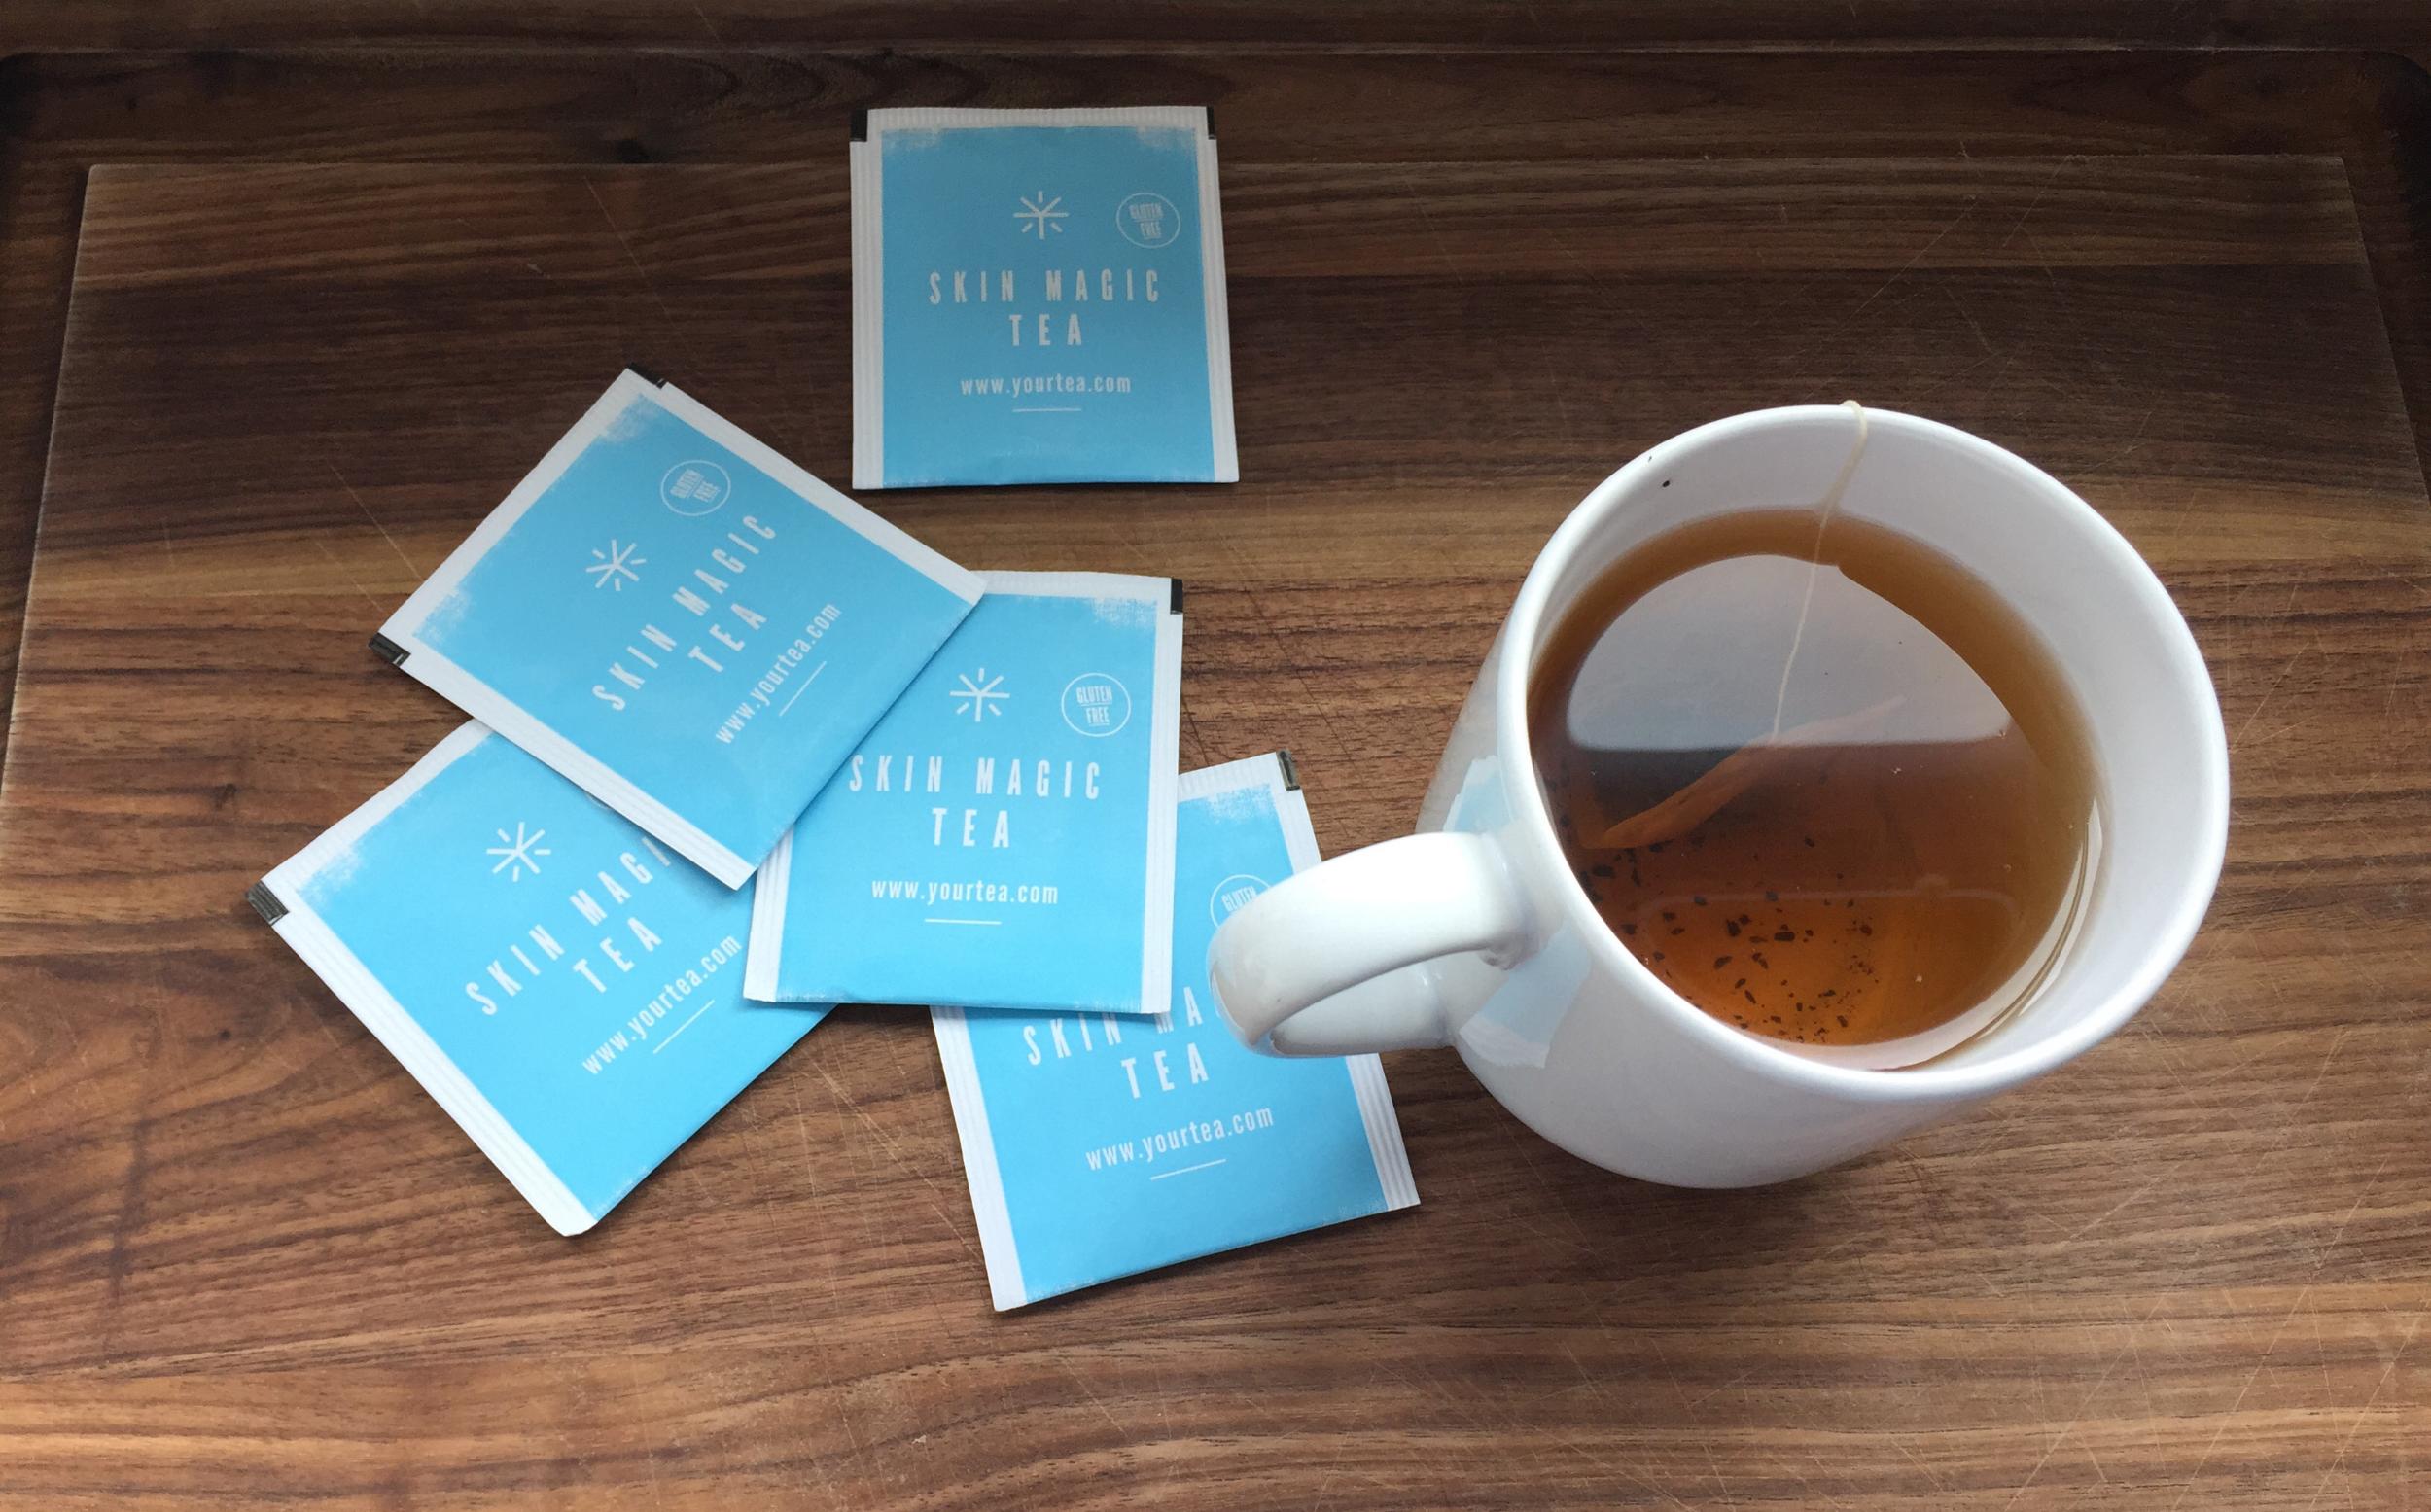 Skin Magic Tea